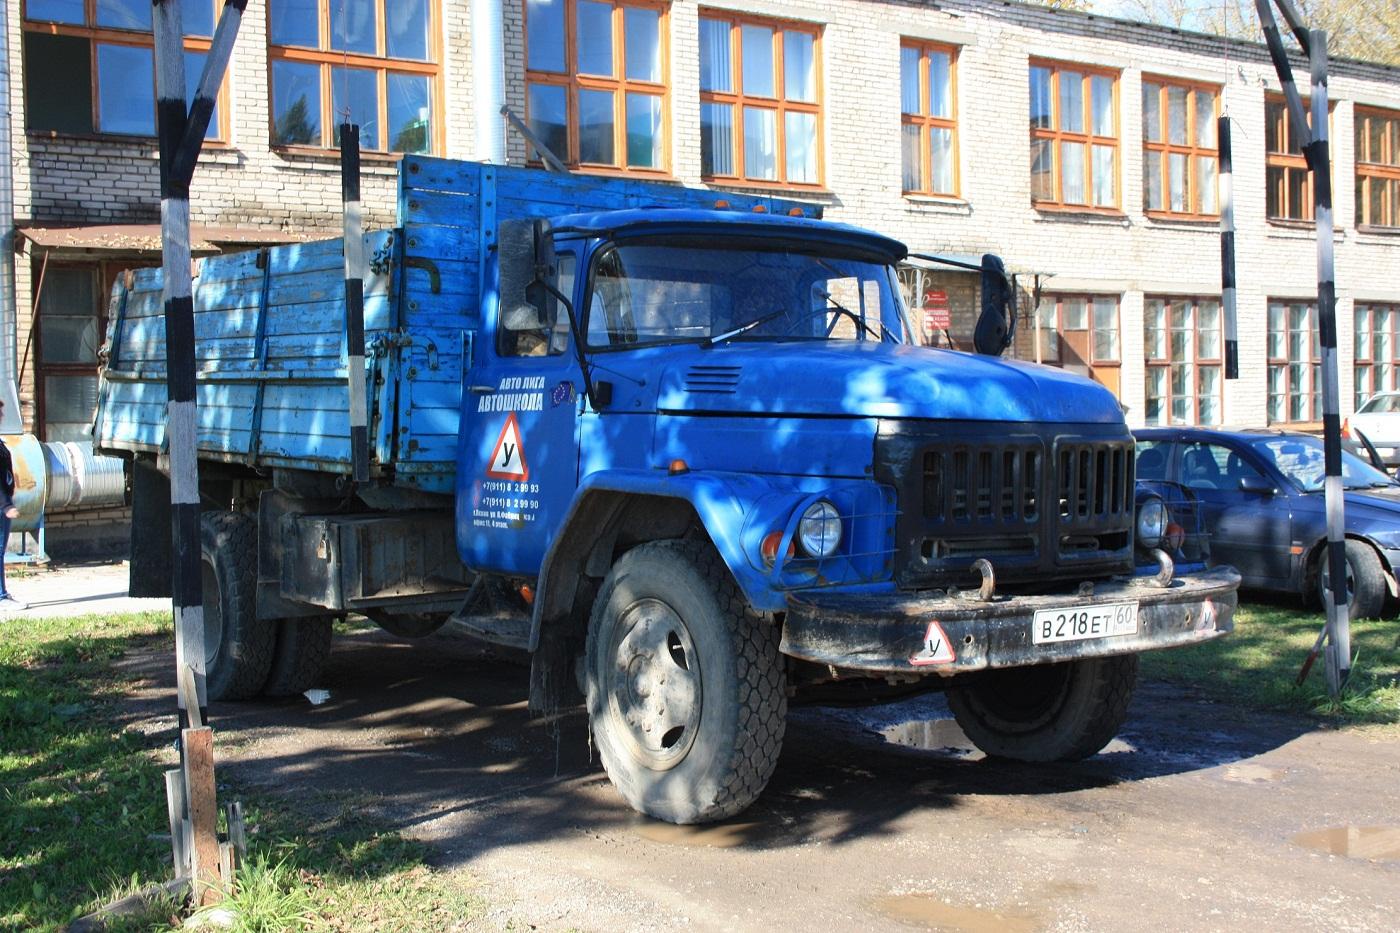 Бортовой грузовик ЗИЛ-130 #В 218 ЕТ 60. Псков, улица Труда